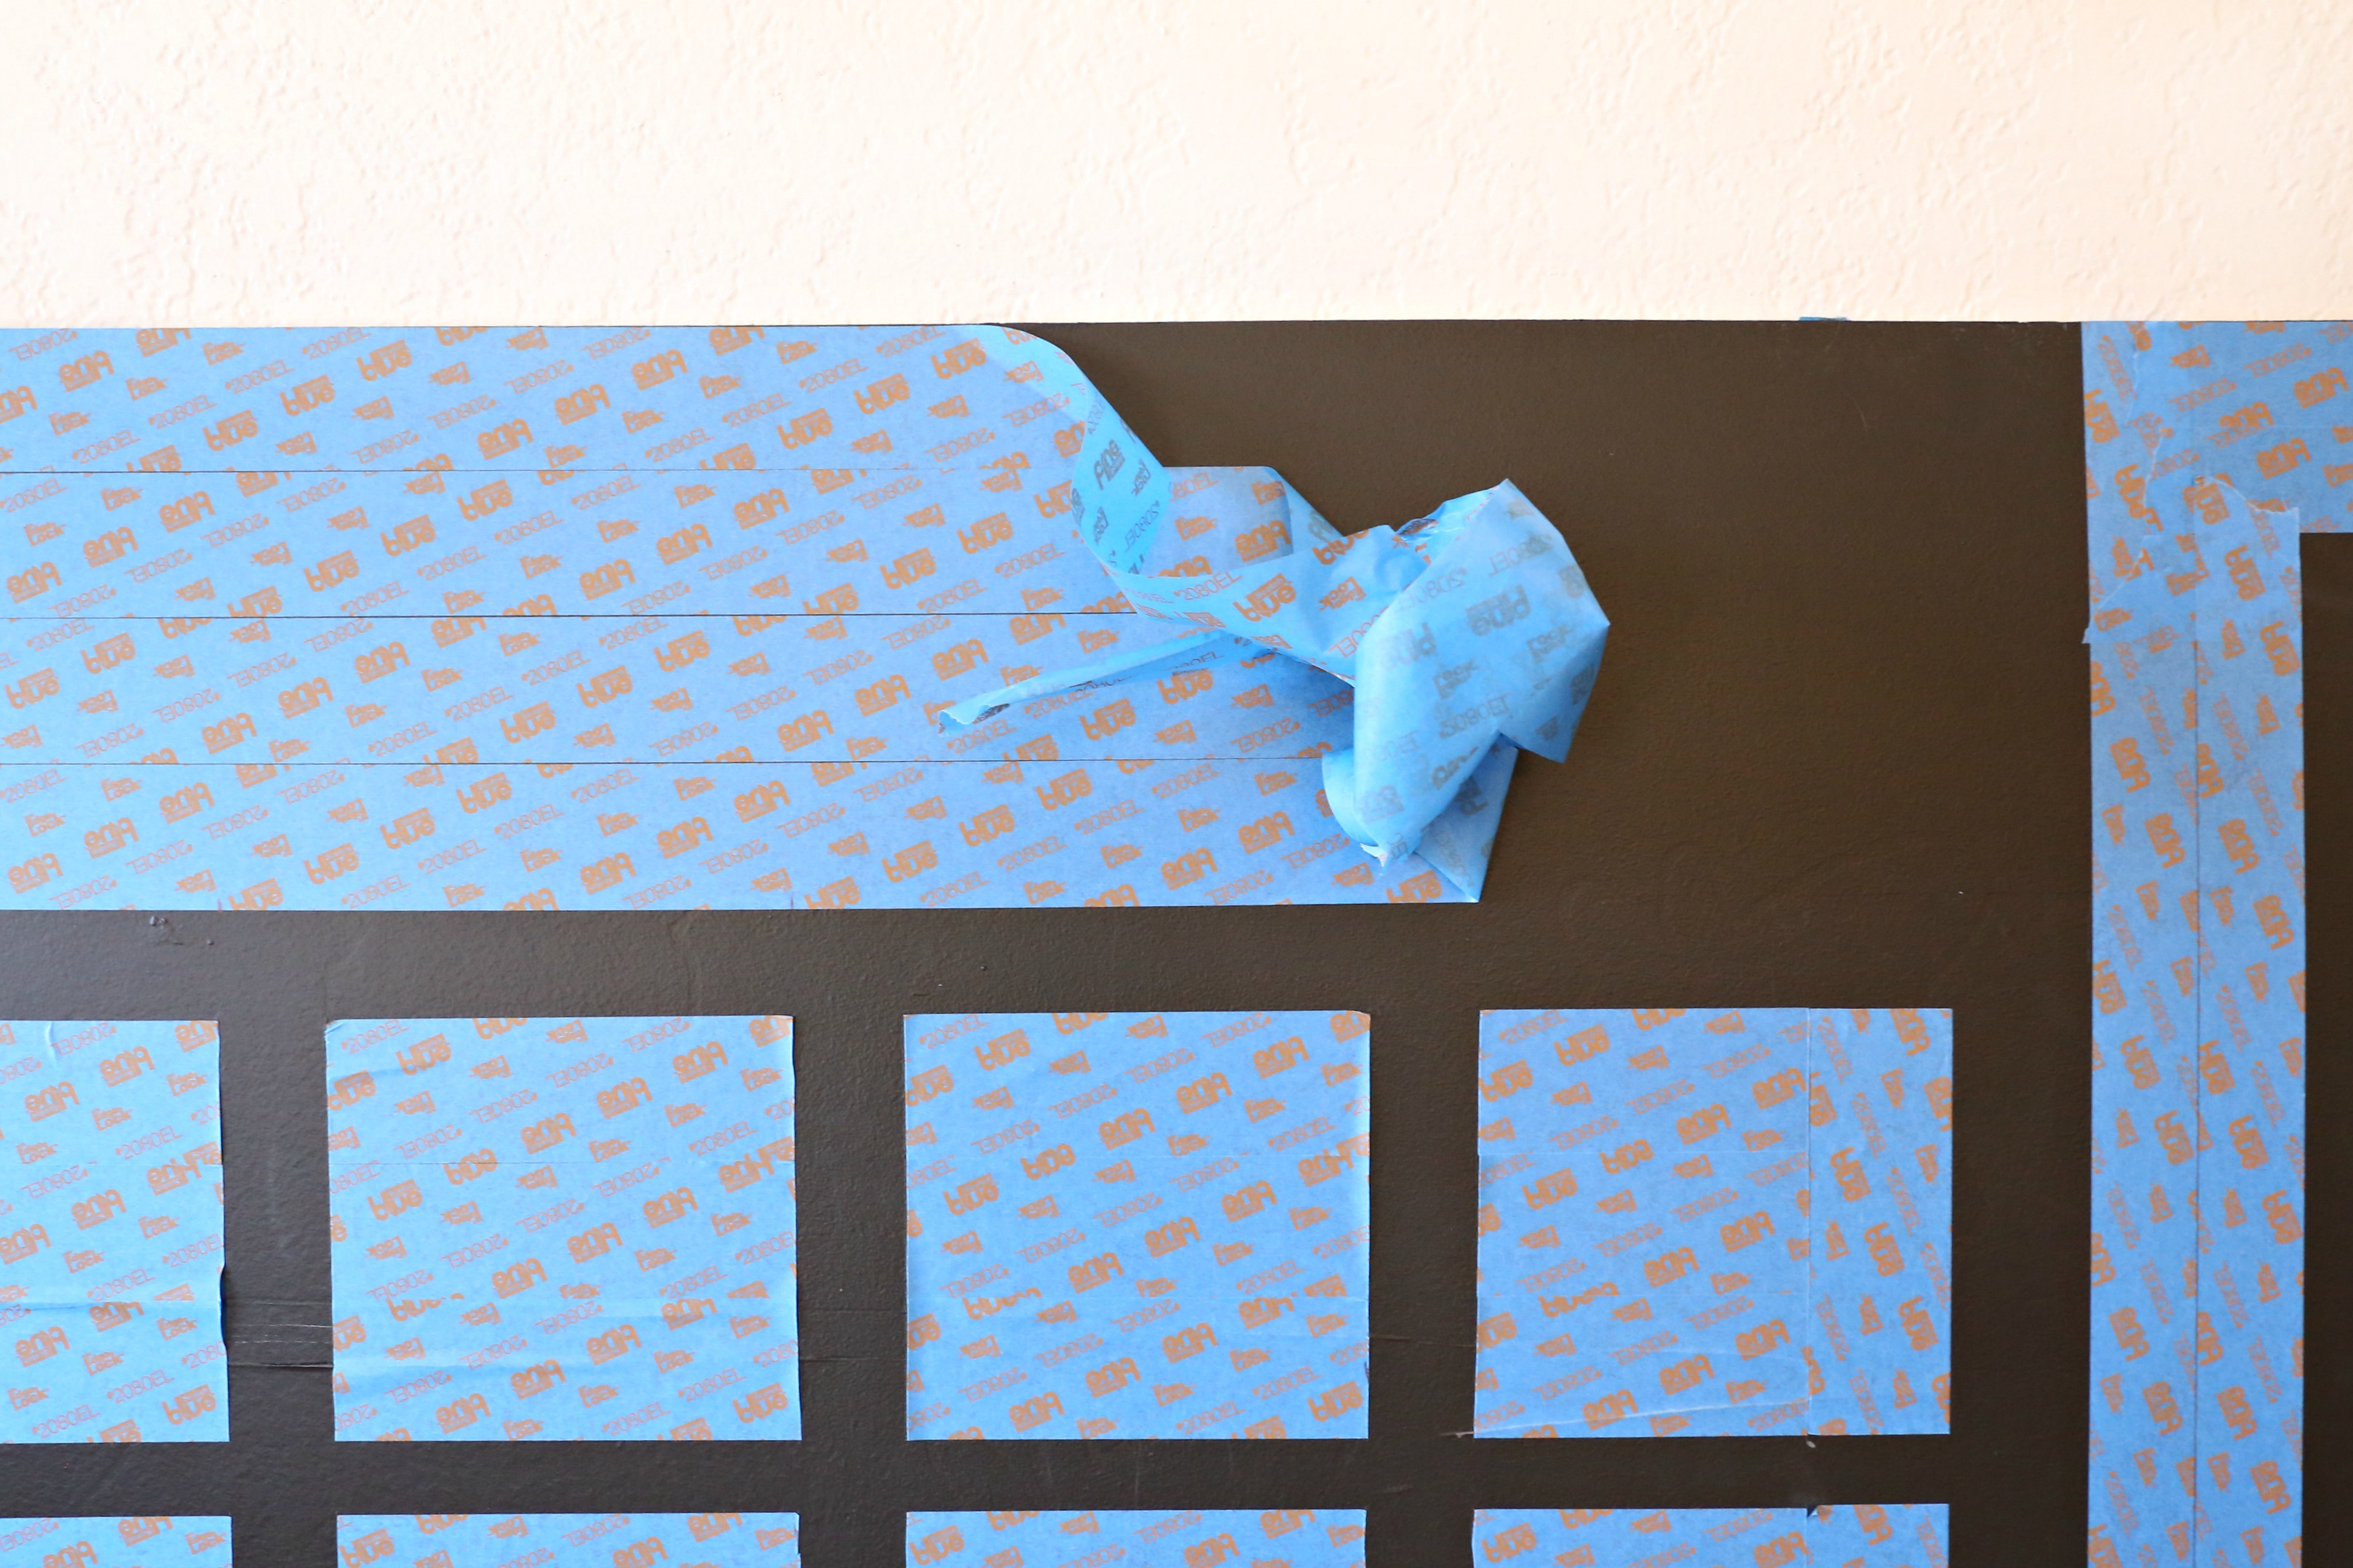 7- Peel off border tape